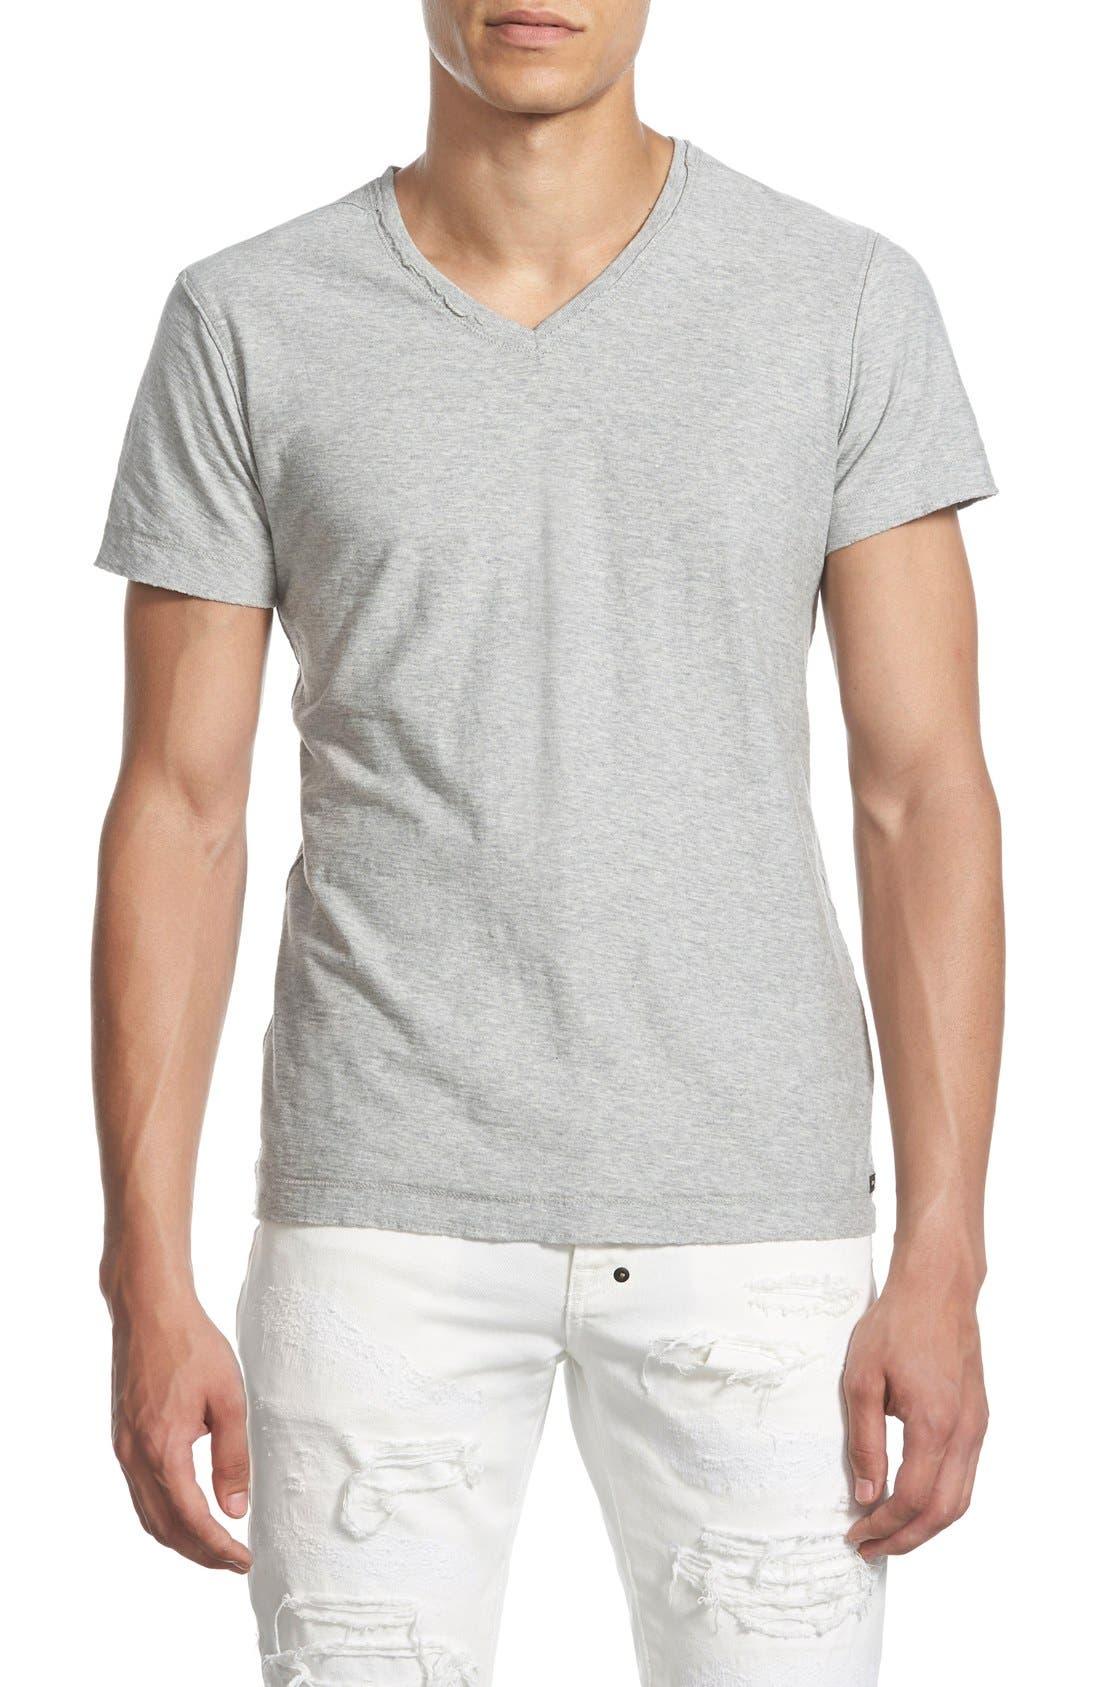 Alternate Image 1 Selected - DIESEL® 'Tossik' V-Neck T-Shirt